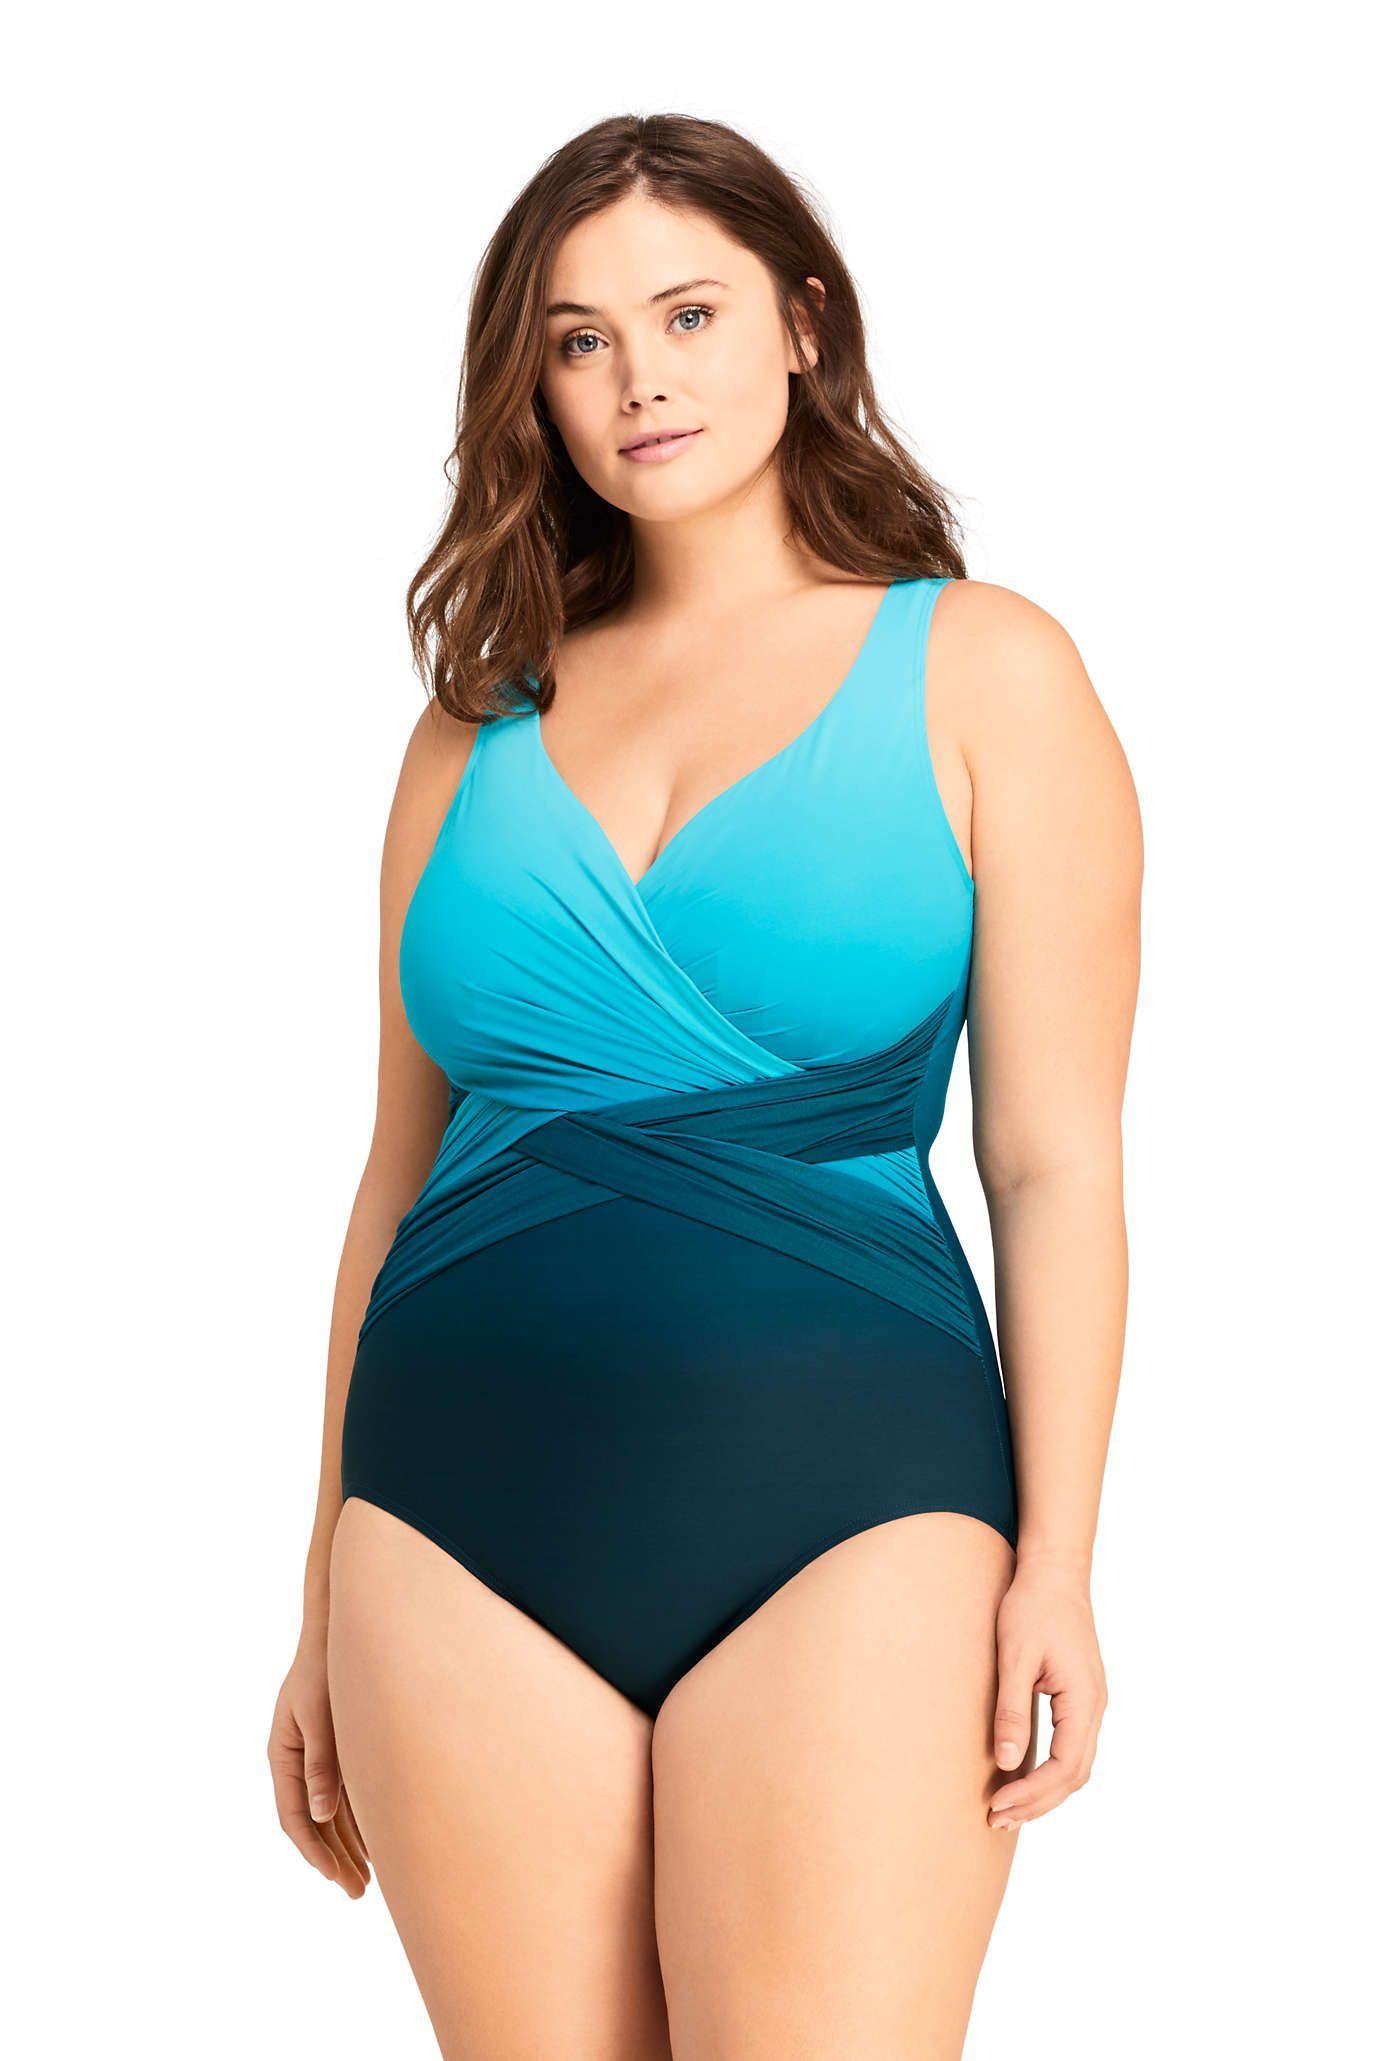 ef3a0289ee3 15 Best Plus Size Bathing Suits 2019 — Plus Size Swimwear